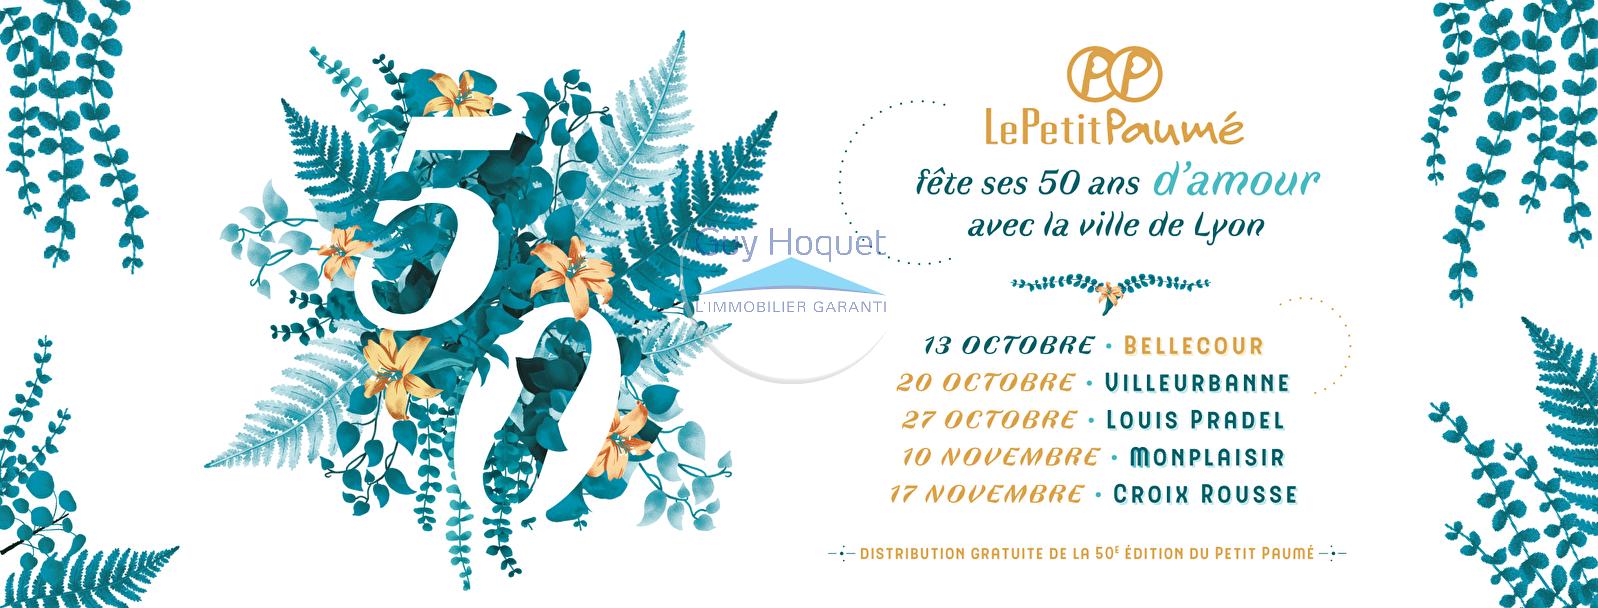 Guy Hoquet Lyon 2 partenaire du Petit Paumé - Les 50 ans !